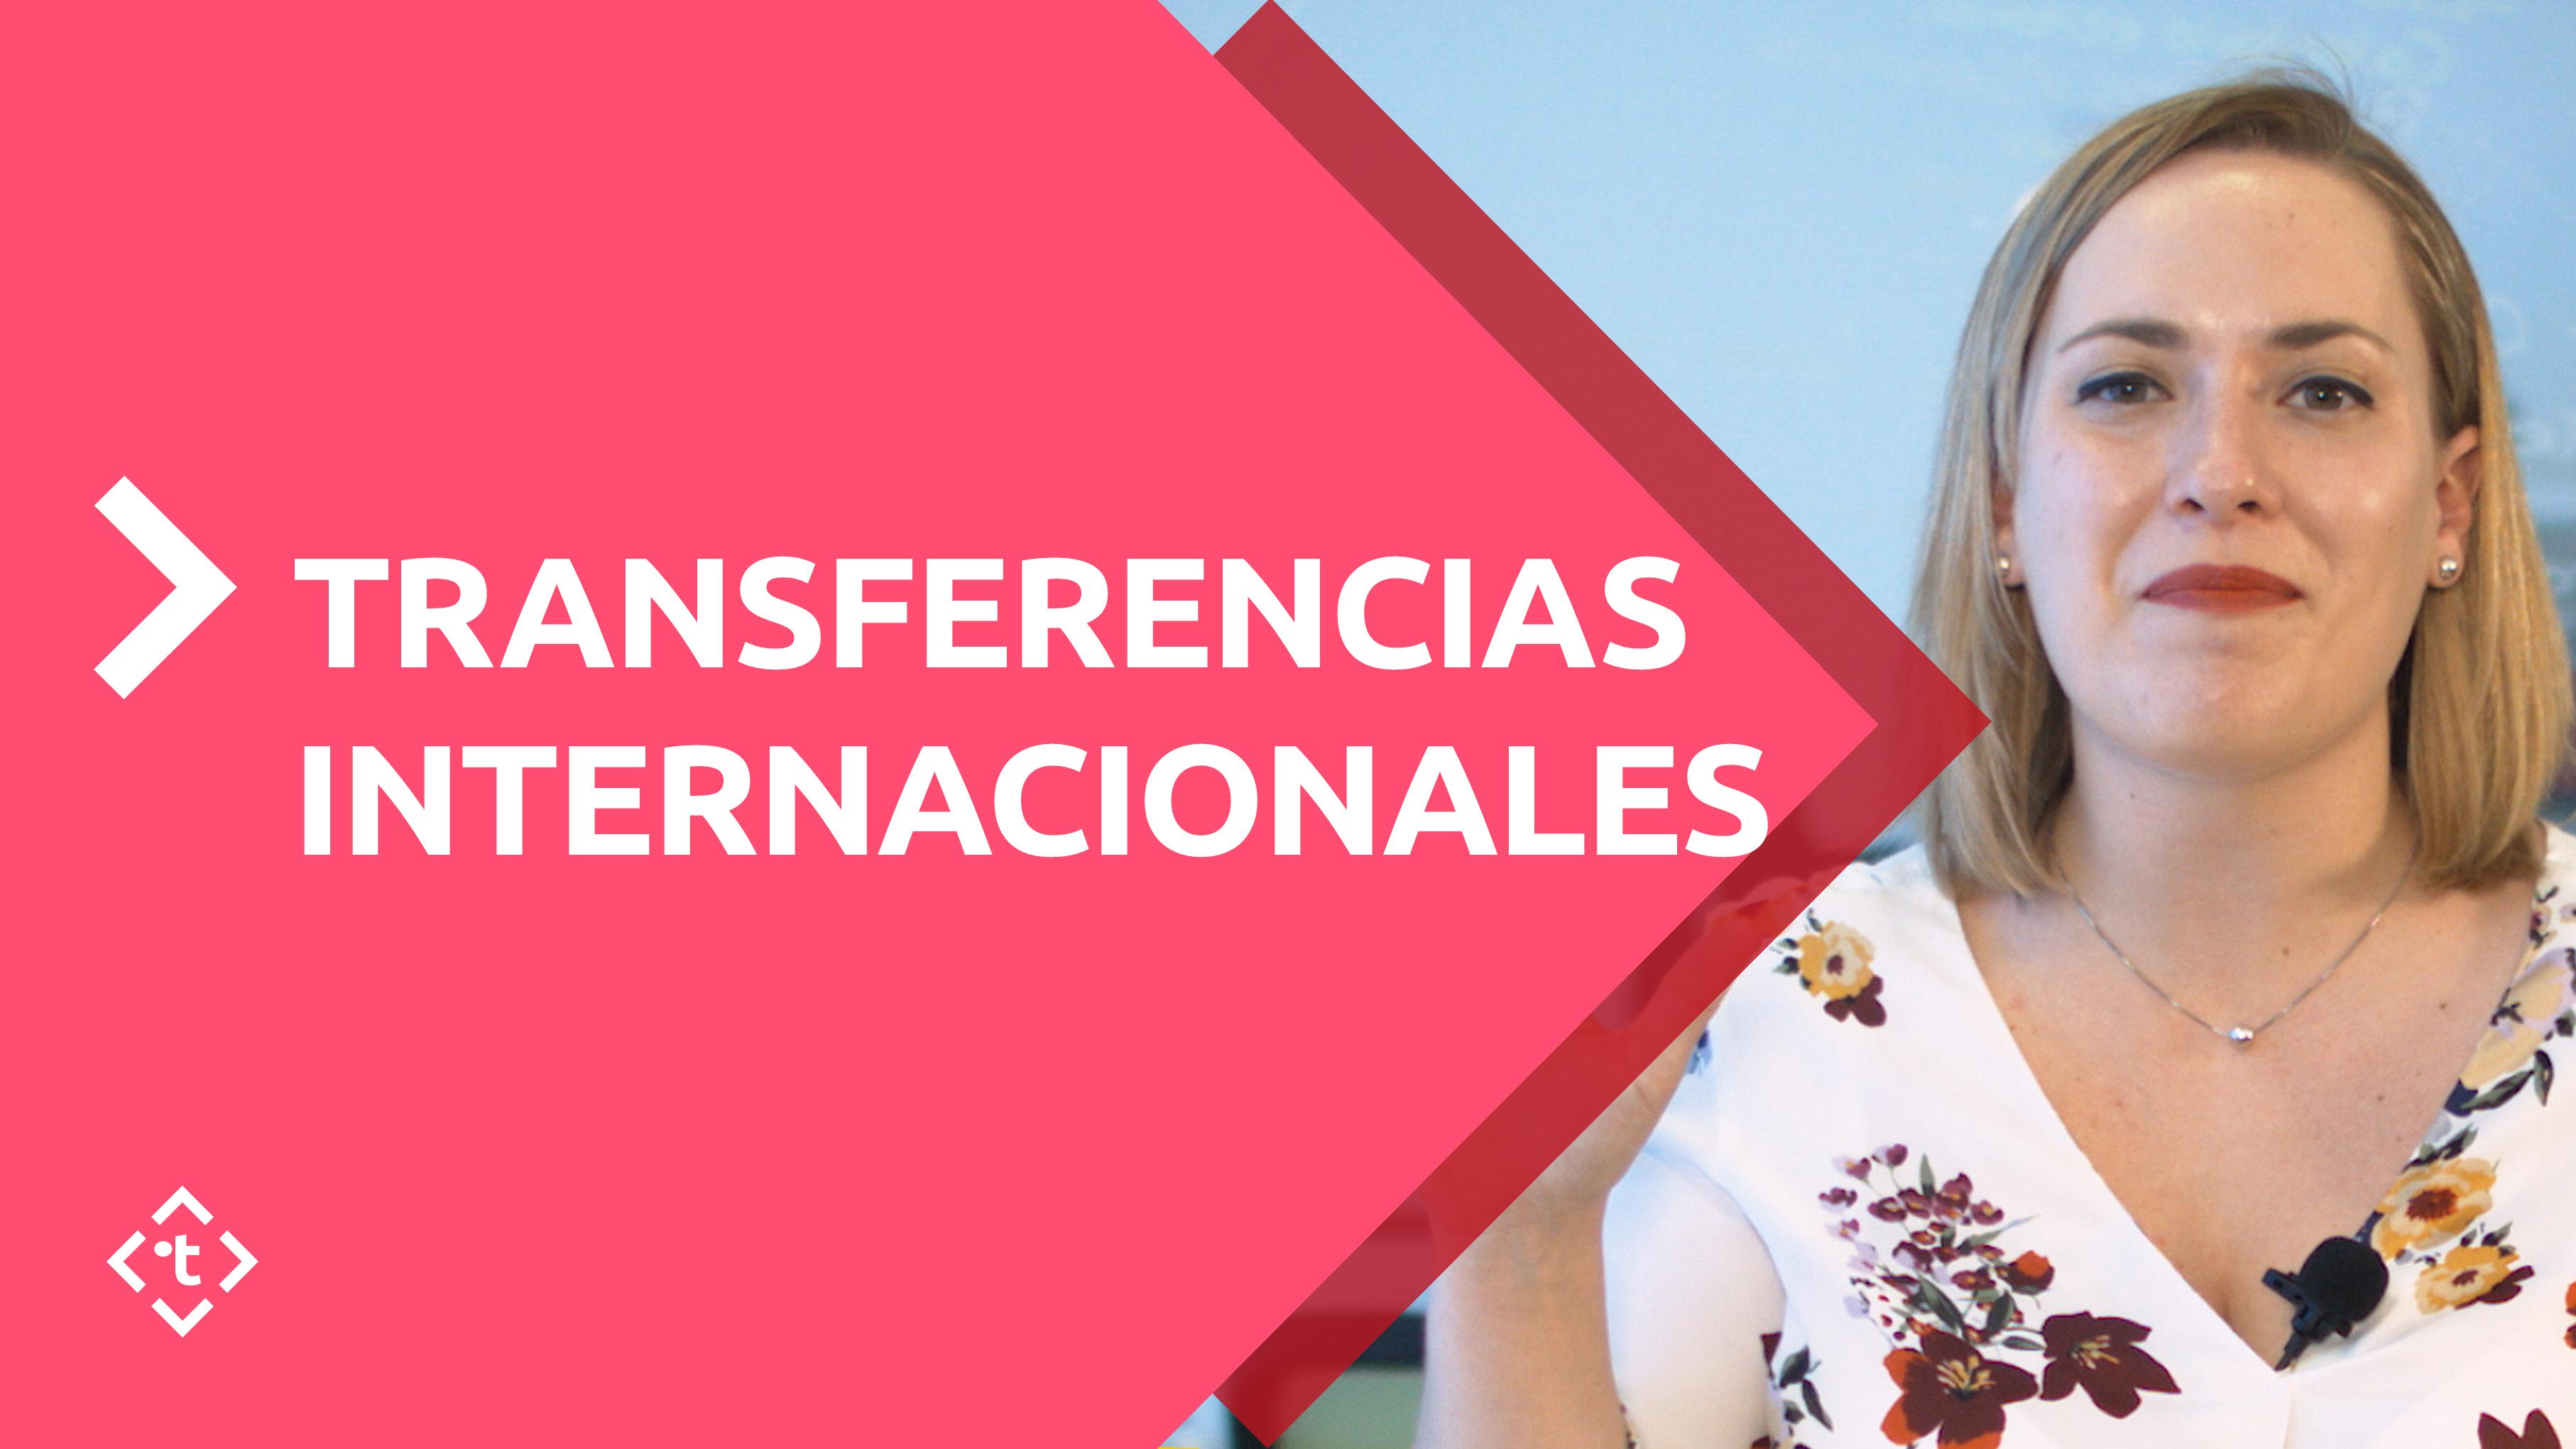 TRANSFERENCIAS INTERNACIONALES